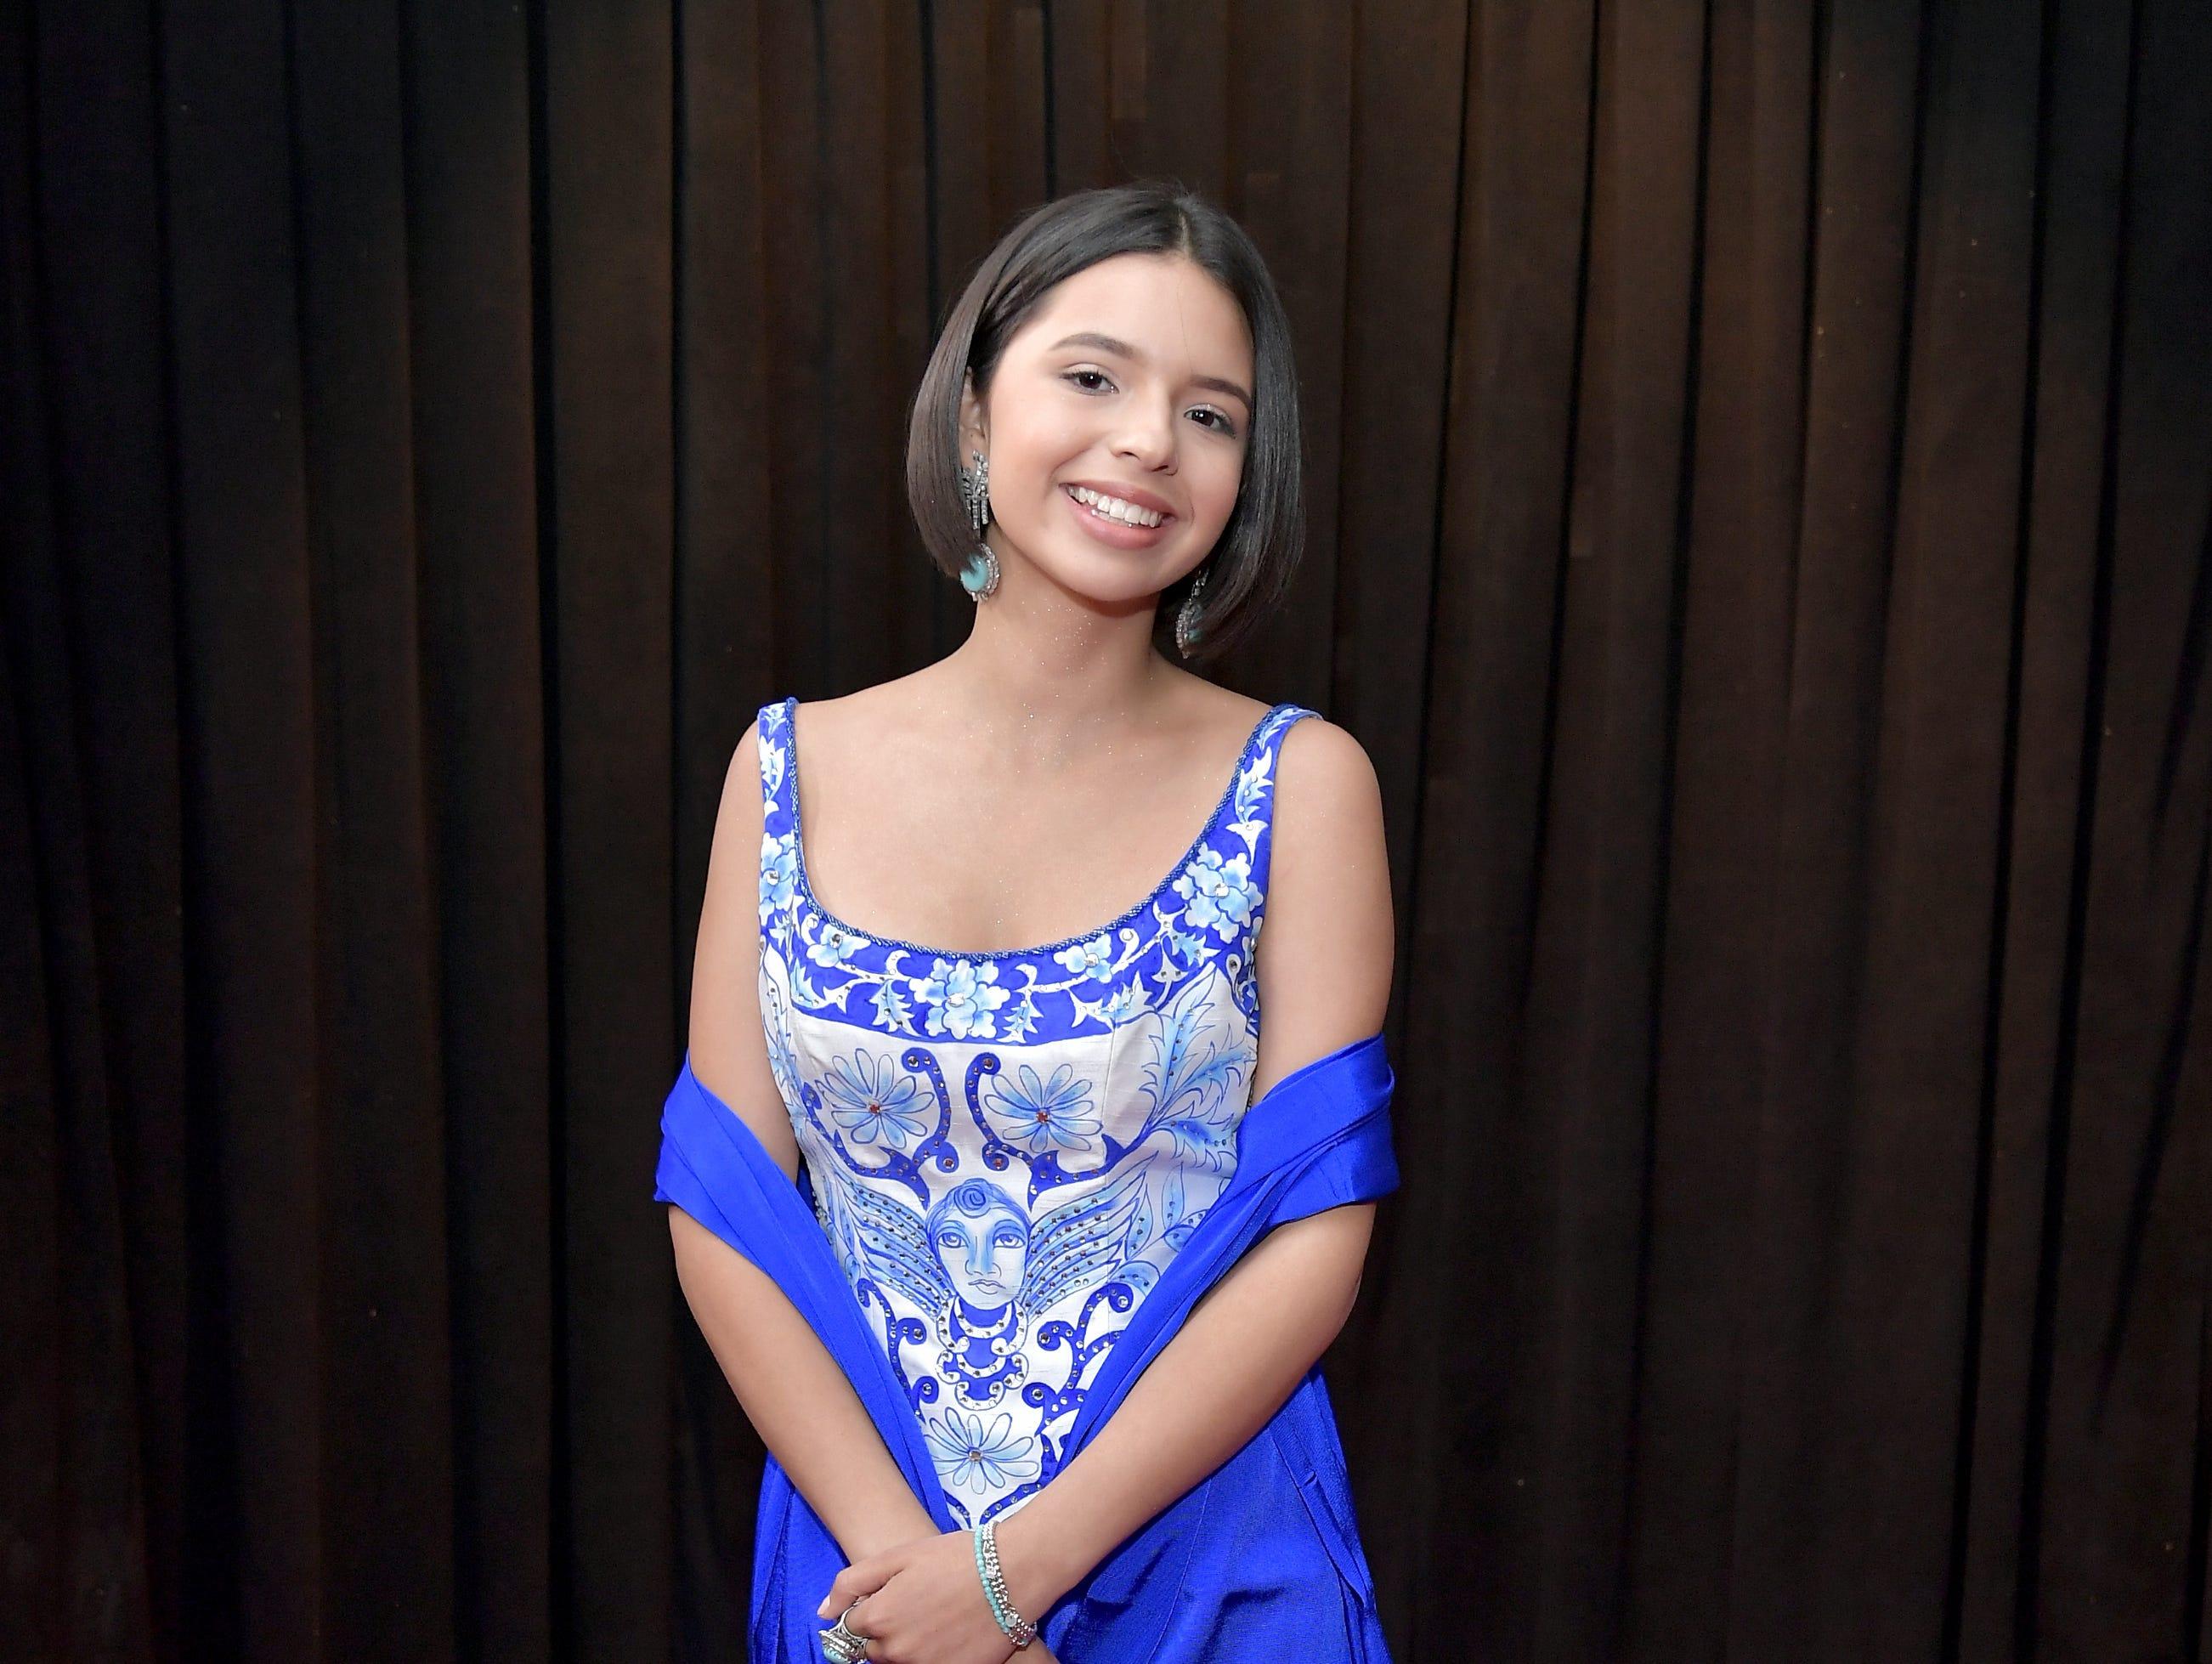 Ángela Aguilar asiste a la 61ª edición de los premios GRAMMY en el Staples Center el 10 de febrero de 2019 en Los Ángeles, California.